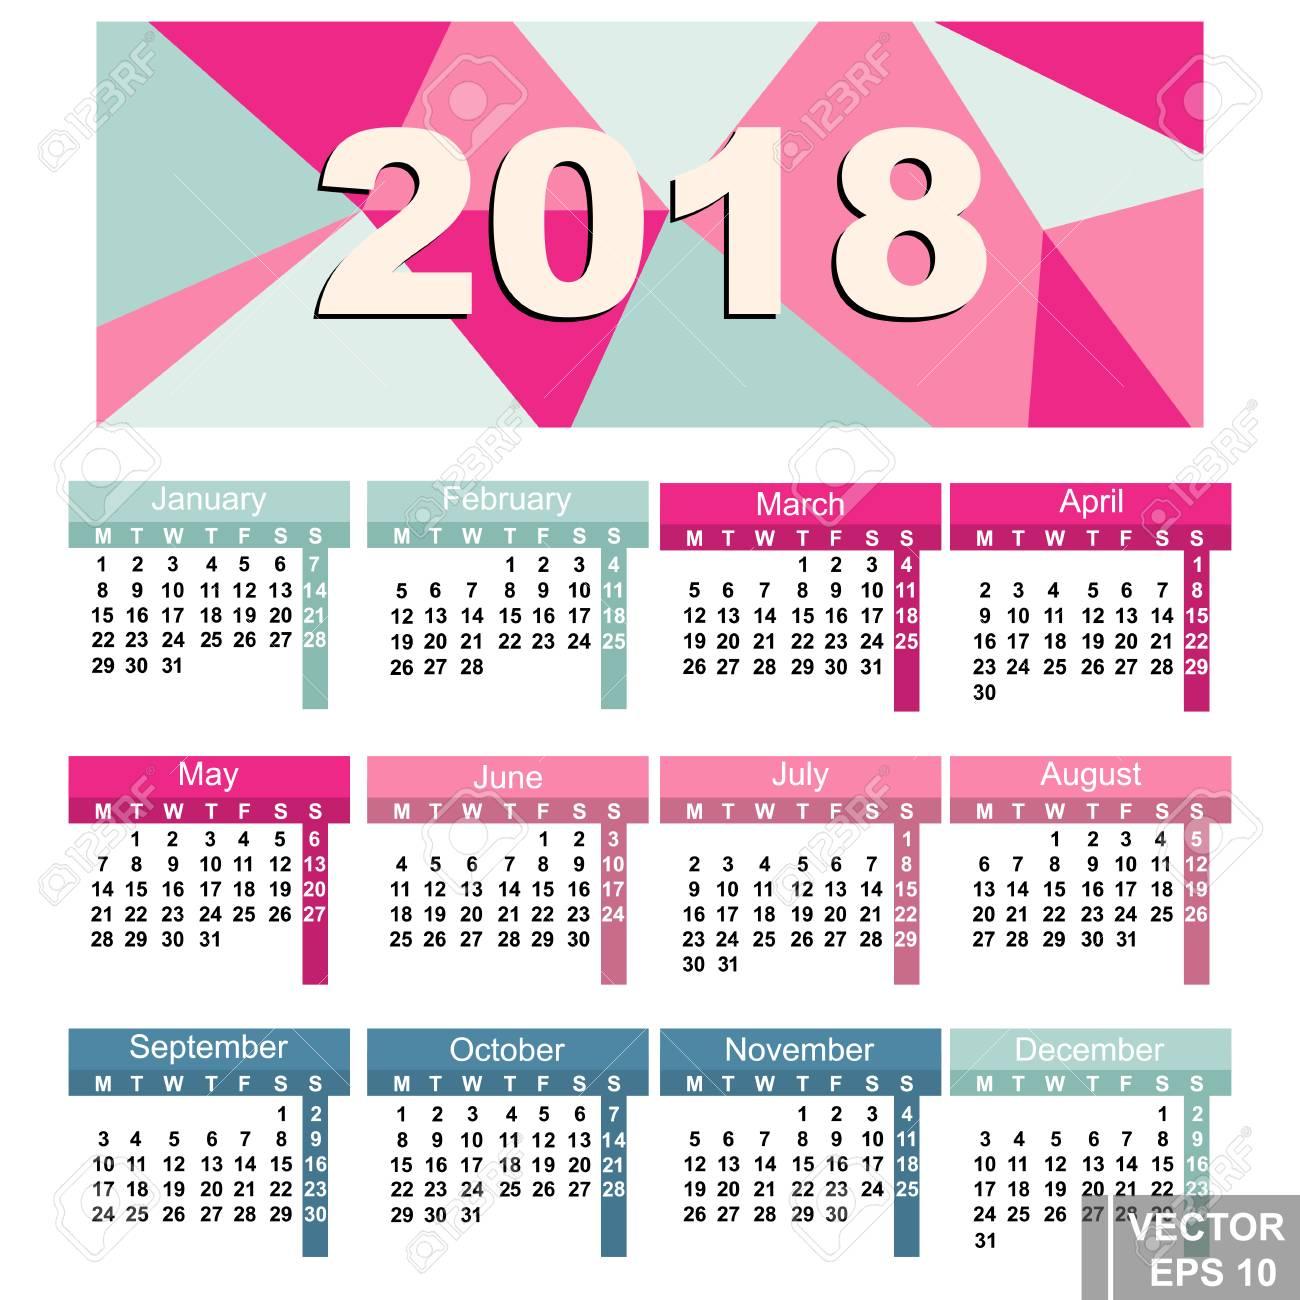 Calendrier Rendez Vous.Le Calendrier Rendez Vous Amoureux Nouvel An 2018 Annee Du Chien Carte